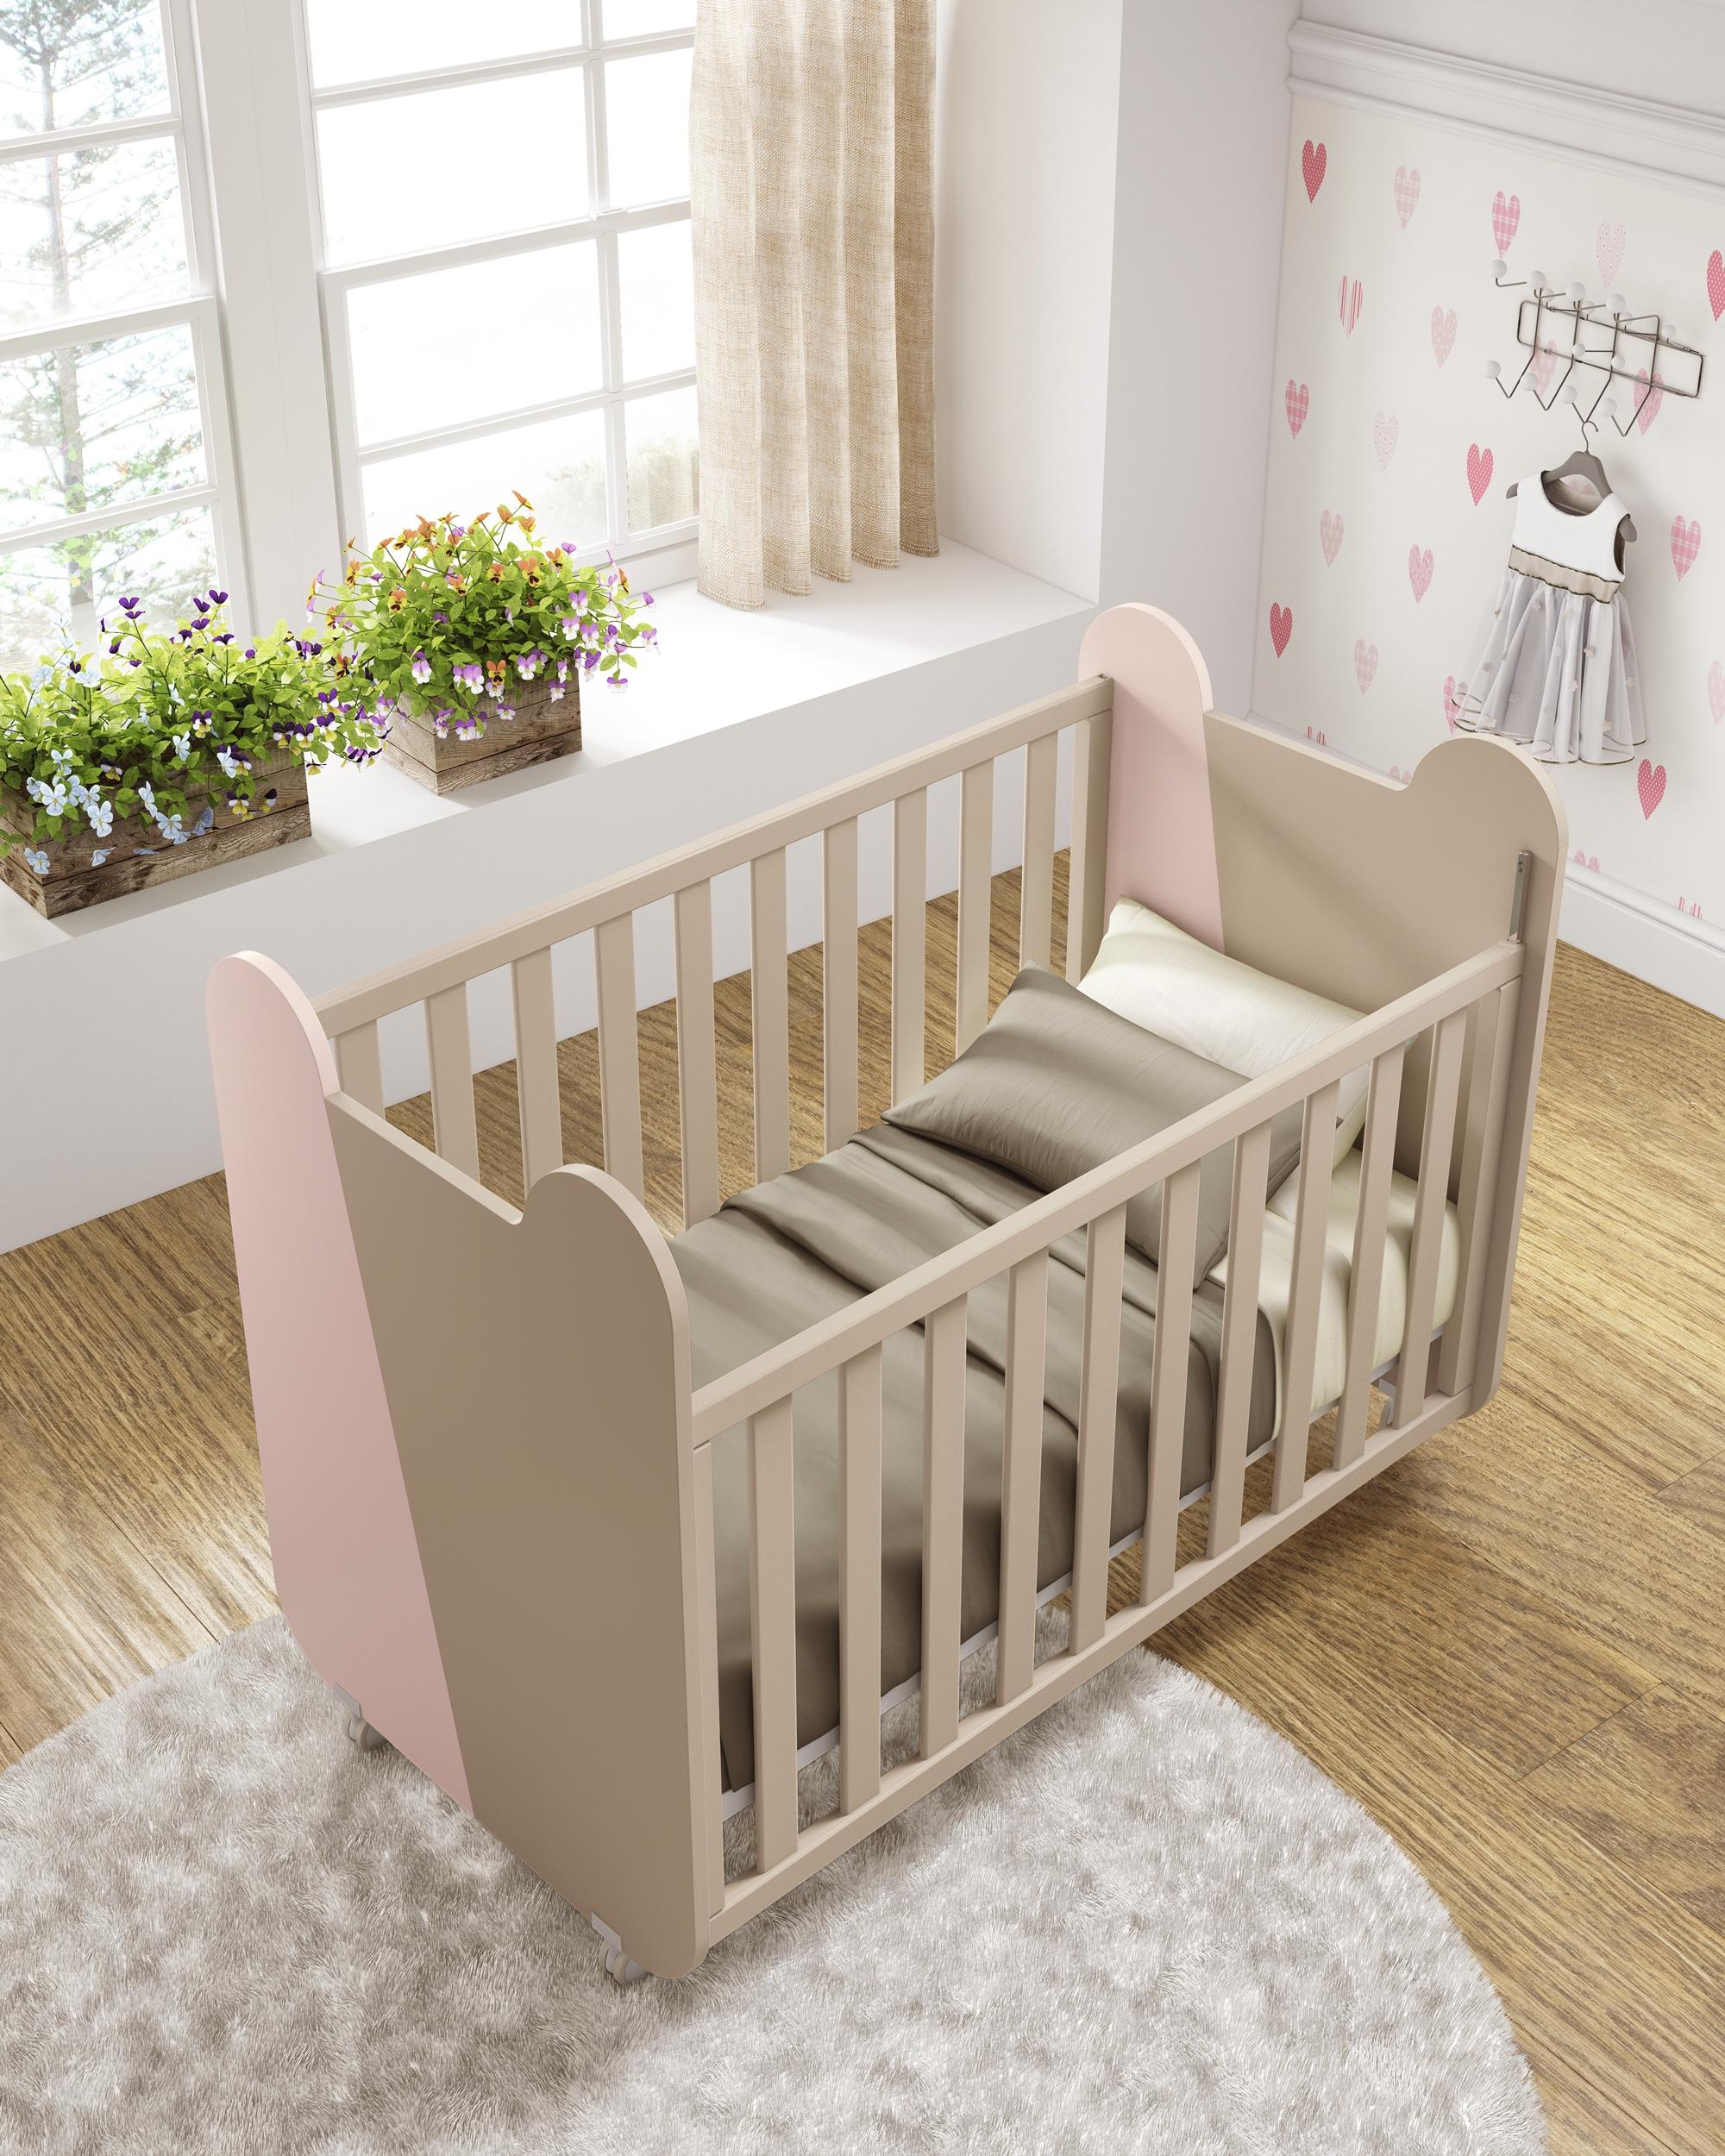 Chambre pl¨te bébé Miki avec lit mode GLICERIO SO NUIT